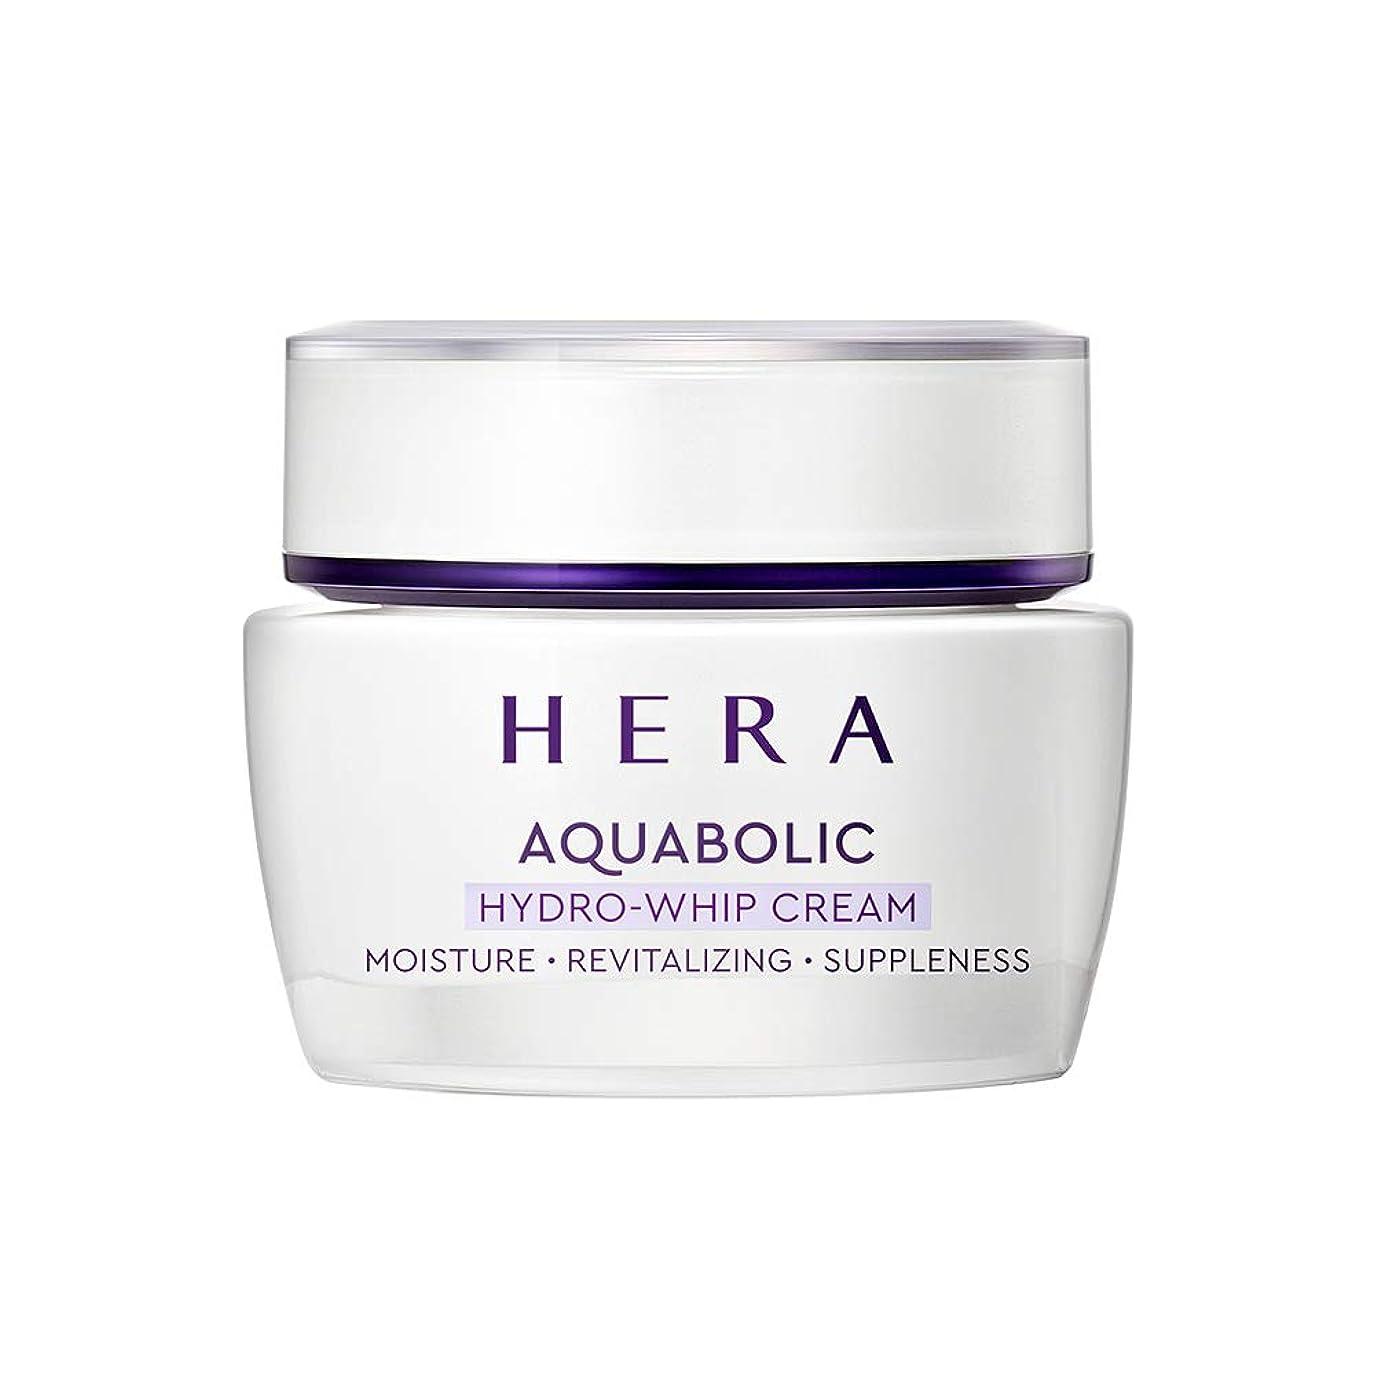 追跡闇減らす【HERA公式】ヘラ アクアボリック ハイドロ-ホイップ クリーム 50mL/HERA Aquabolic Hydro-Whip Cream 50mL